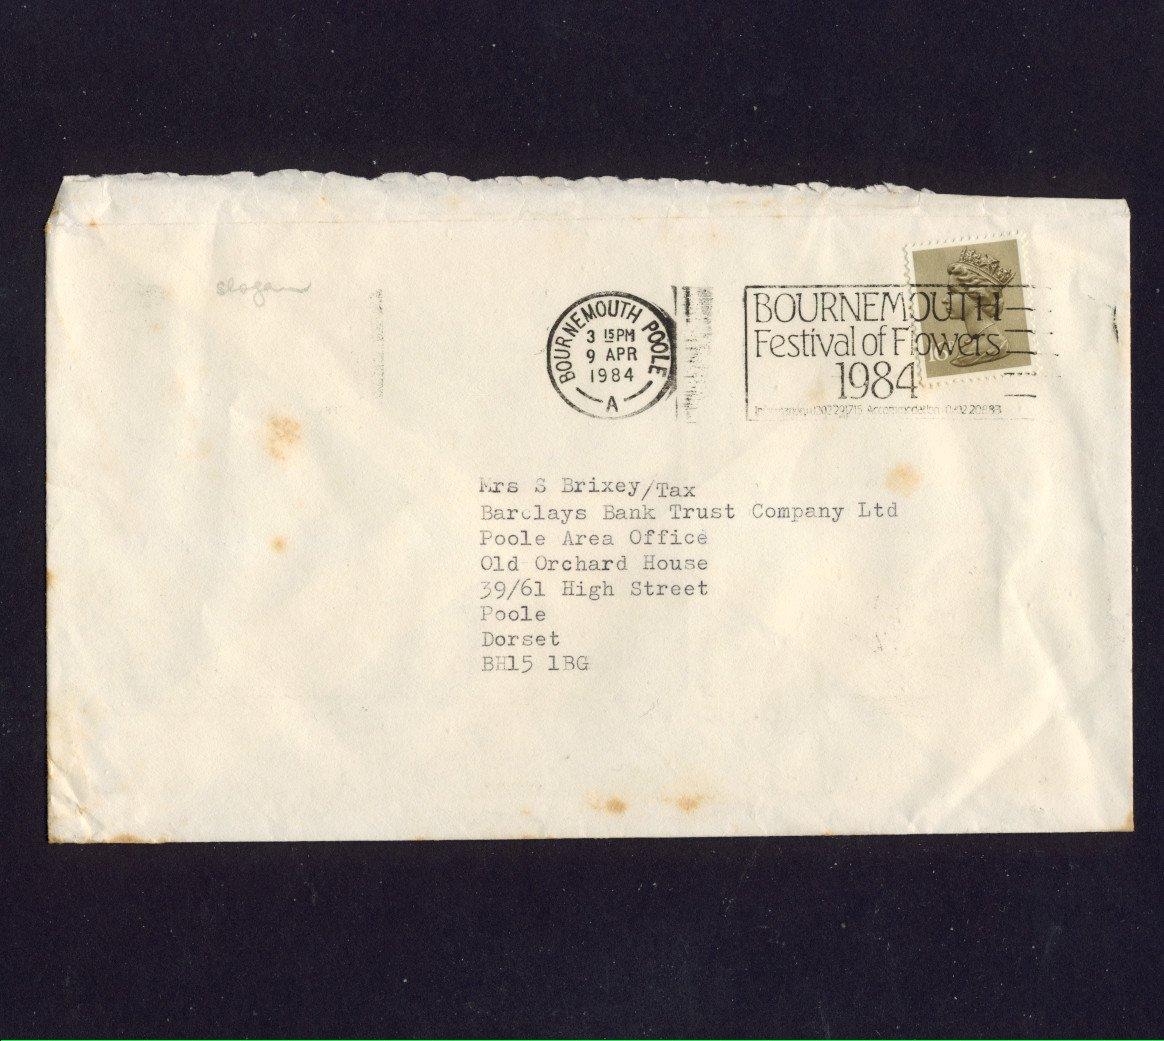 Slogan Postmark - BOURNEMOUTH Festival of Flowers 1984 on commercially used envelope